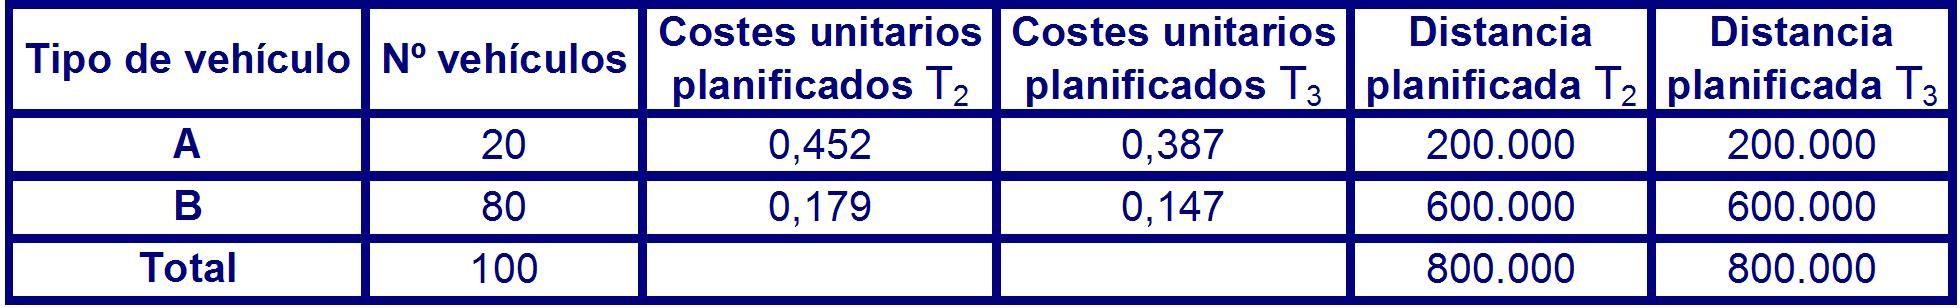 Tabla 38 datos planificados para el periodo P2 en el largo plazo.